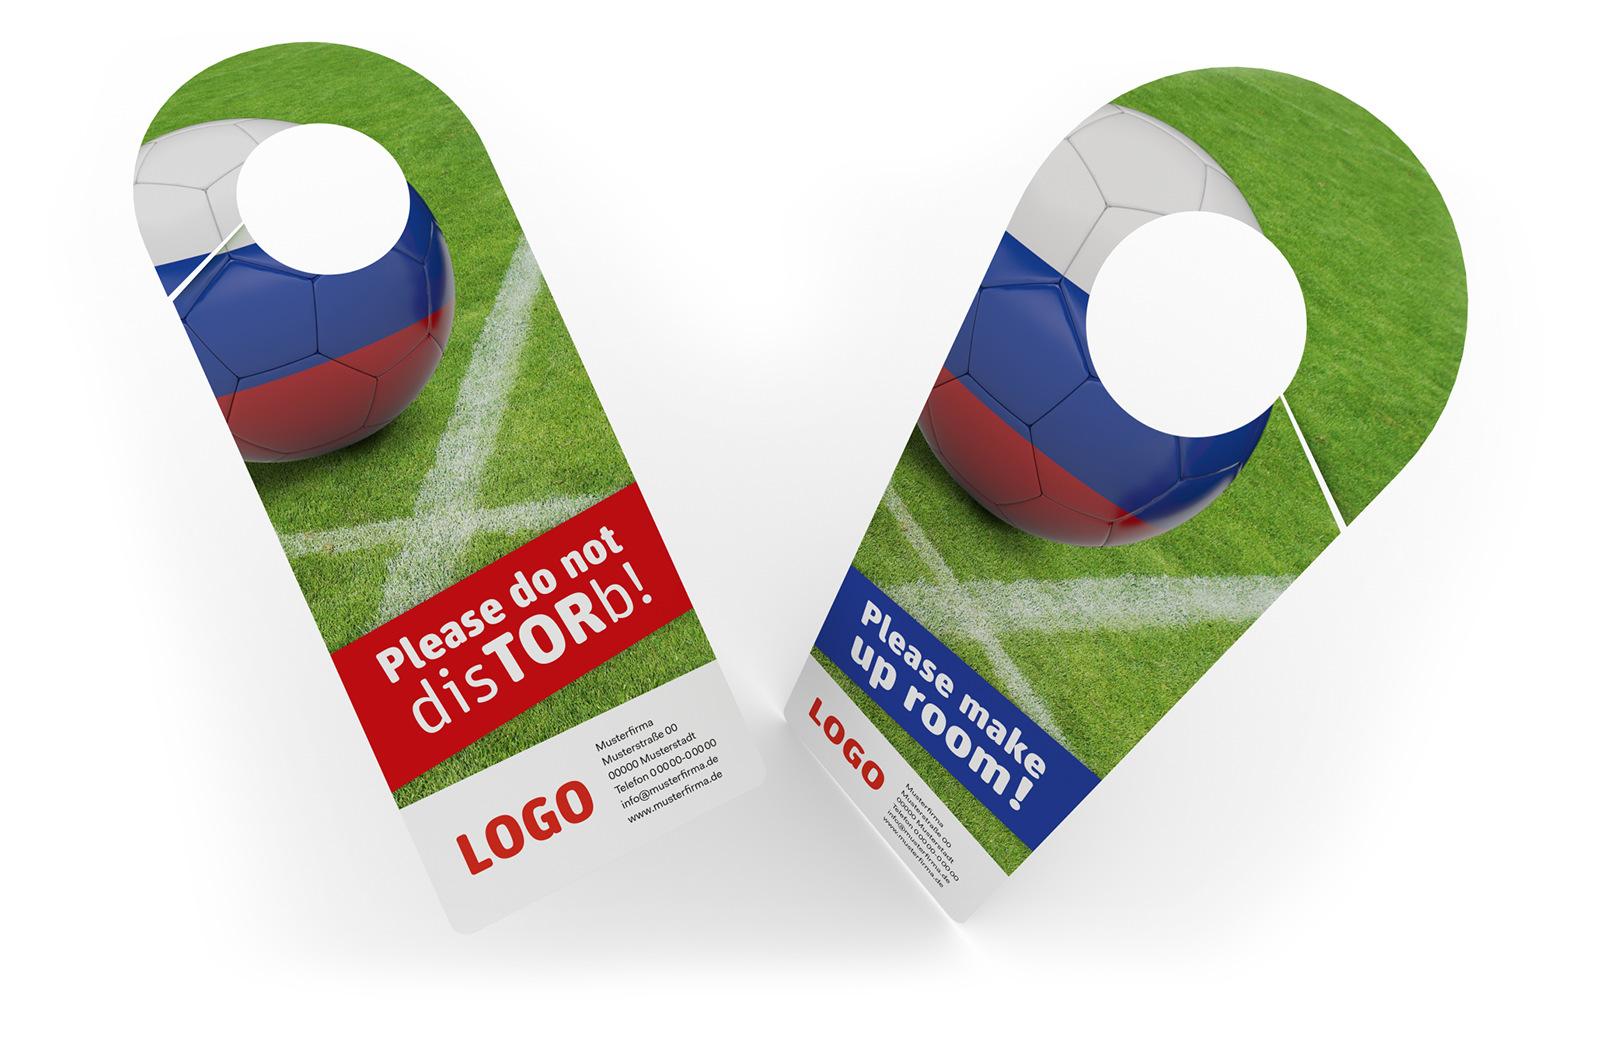 Fußball Spielplan WM 2018 Türanhänger mit lustigen Fußballsprüchen für das ungestörte Private-Viewing.